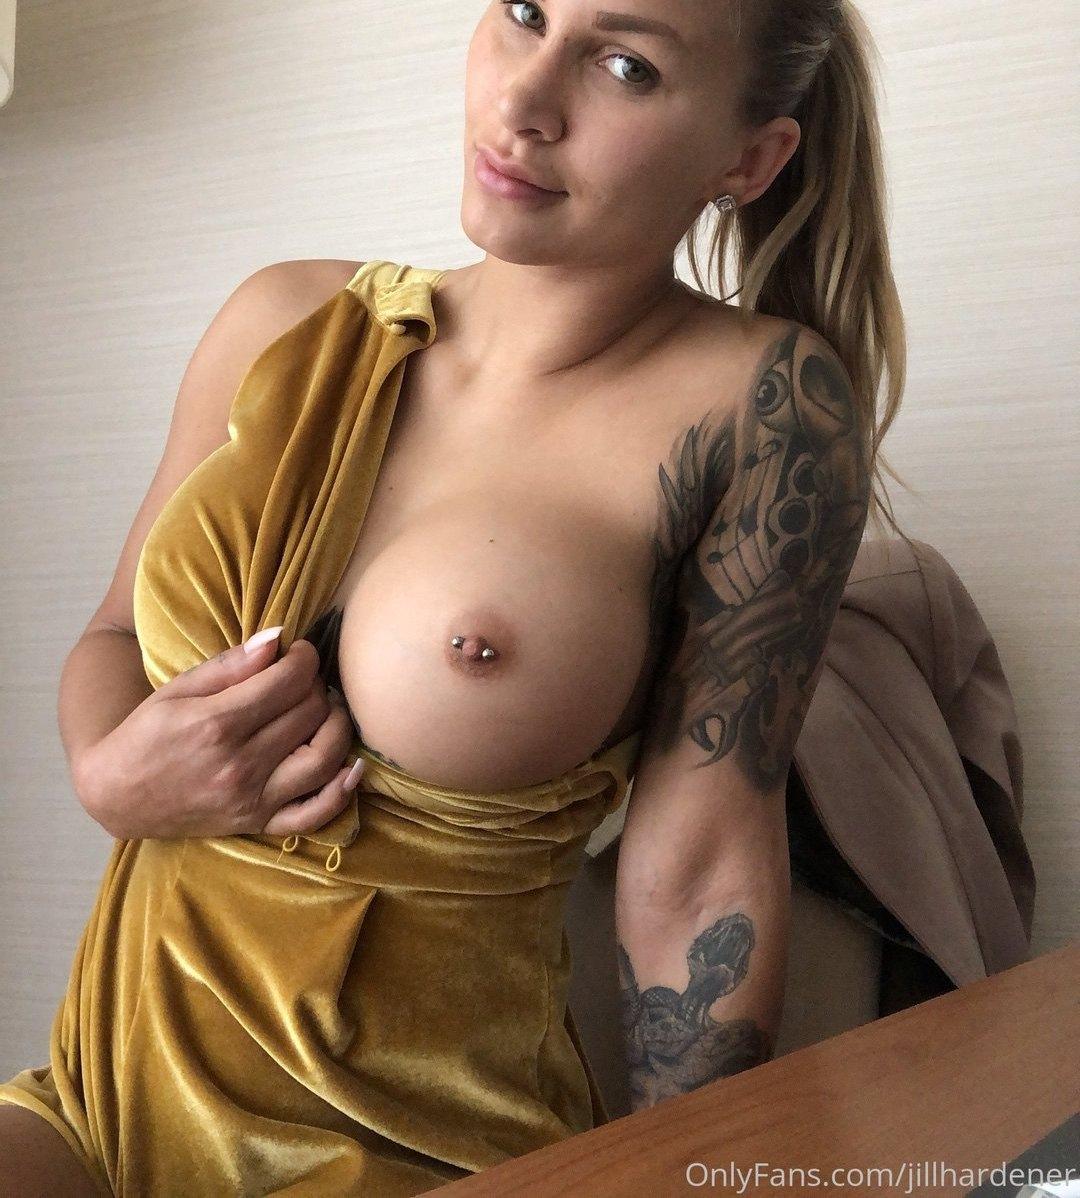 Jill.hardener Jillhardener Onlyfans Nudes Leaks 0028